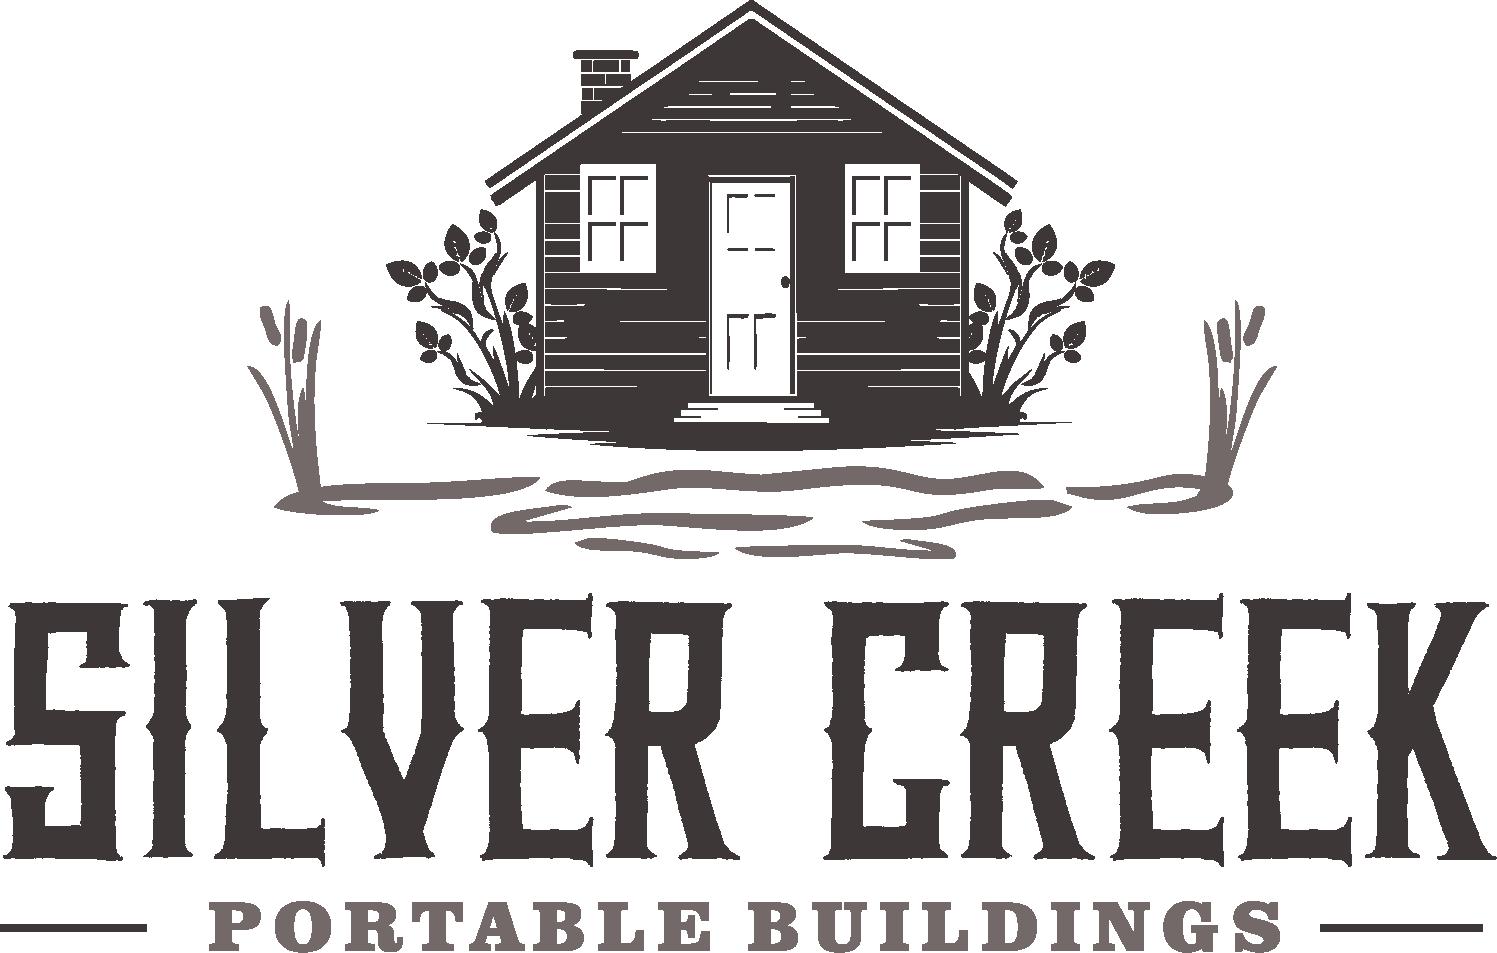 logo and website design for tiny home builder